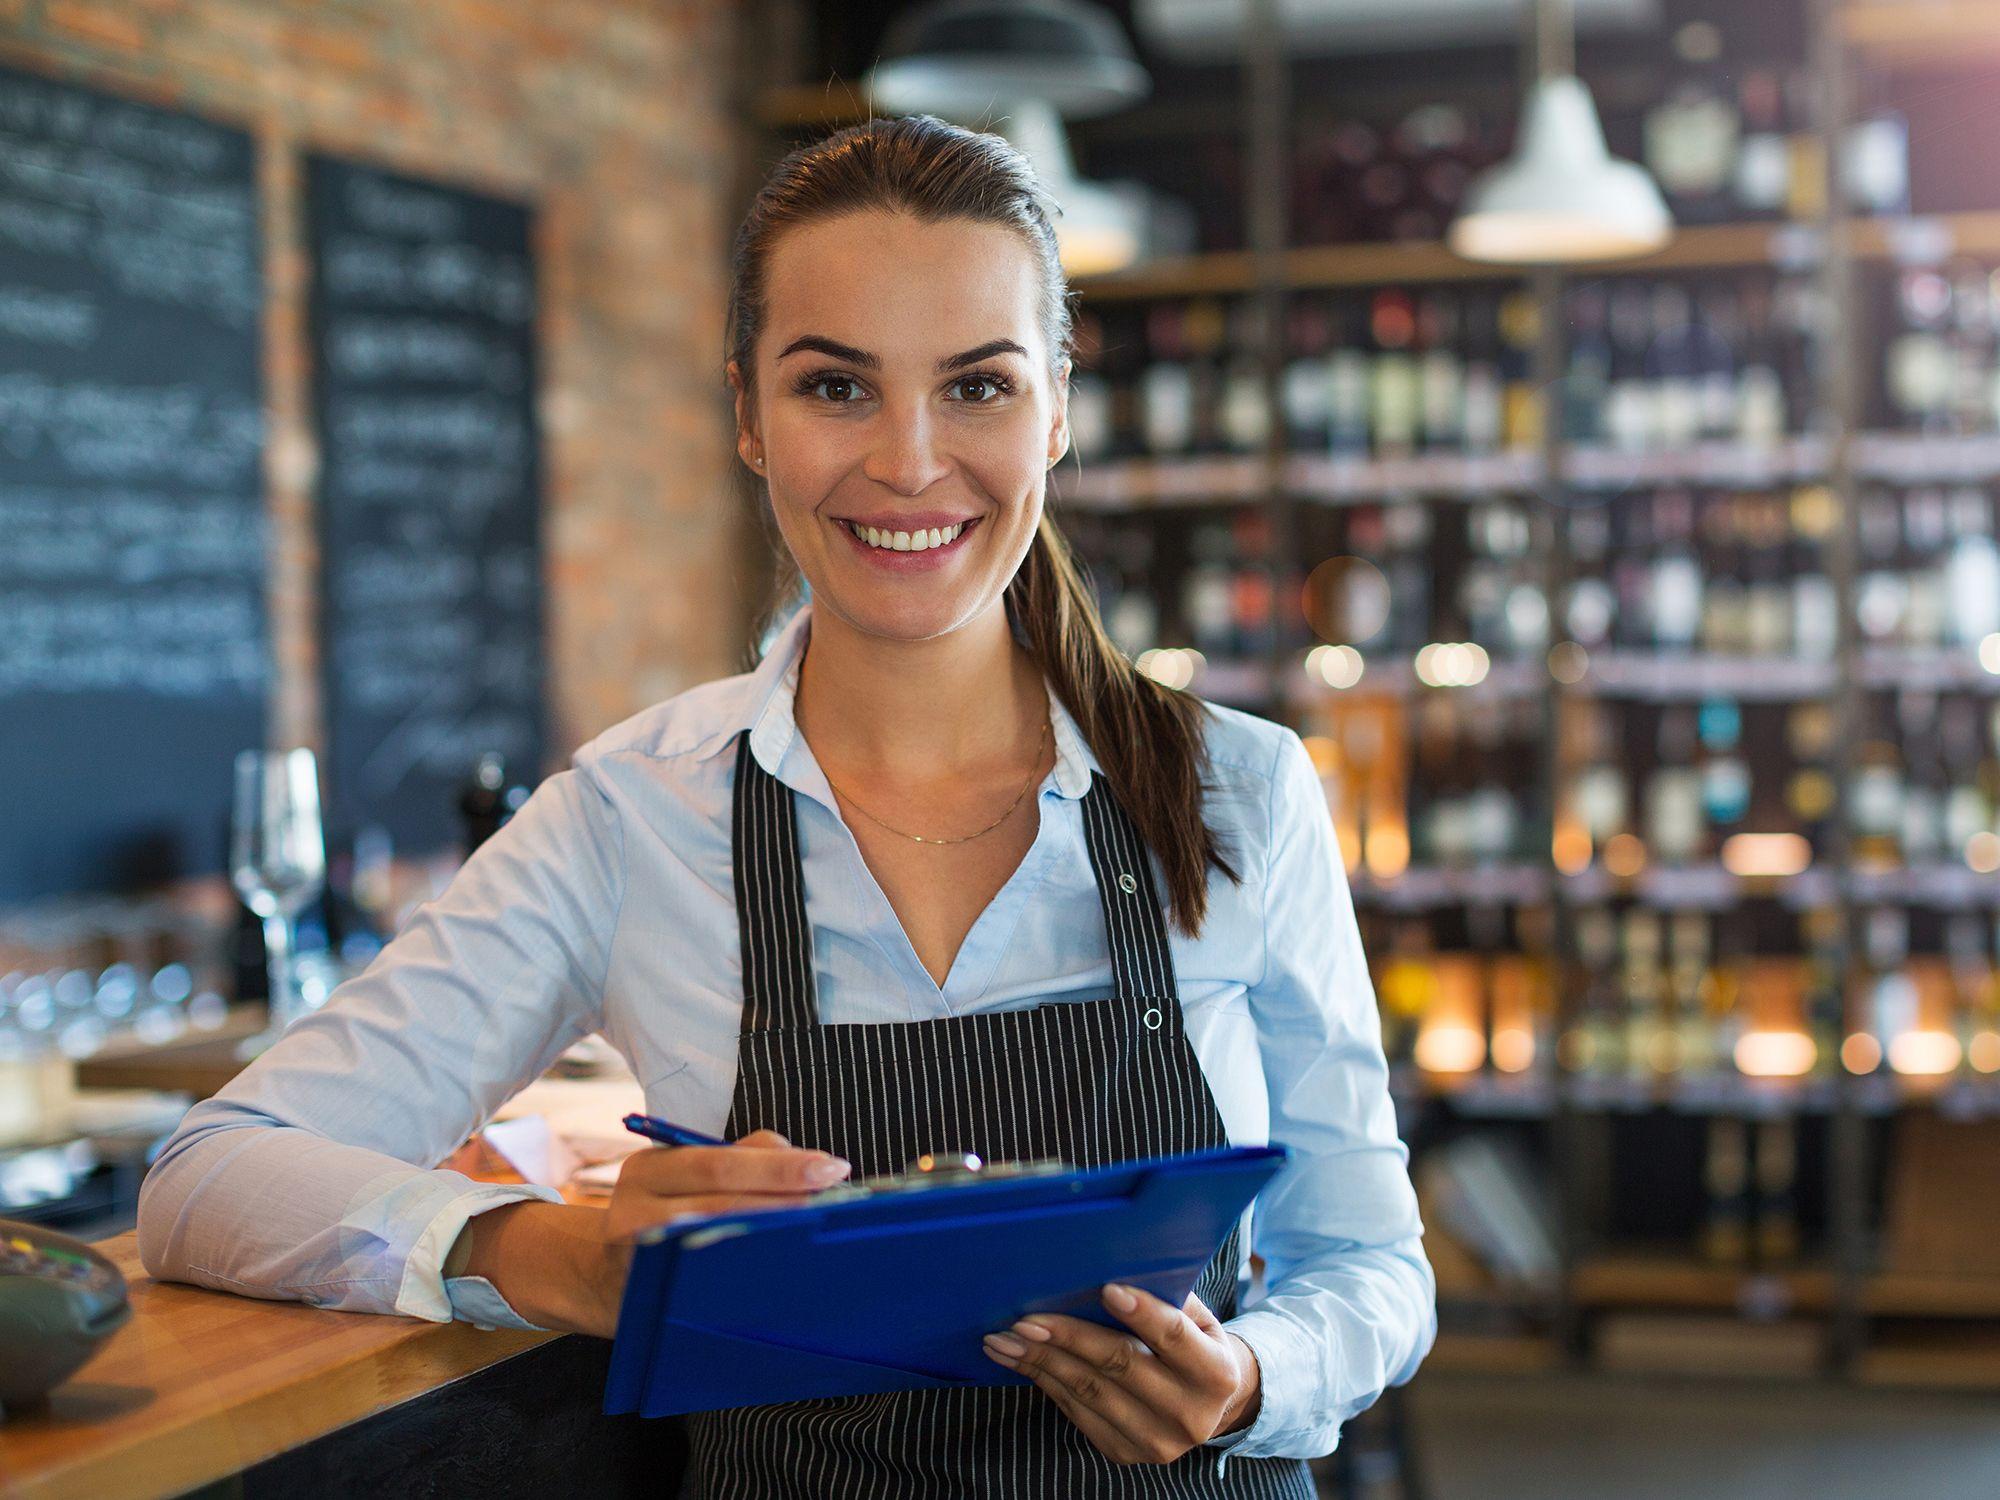 Level 3 - Merchandiser, Gestalter, Warenplatzierer, Warenpräsentierer, Verkaufsförderer, Visual Merchandiser, Inszenierer, Leiharbeiter, Zeitarbeiter, Leiharbeitnehmer, Leihkraft, Temporärarbeiter für den Einzelhandel, Kundenservice, Kundenbetreuung, Kundenbindung, Außenhandel, Warenpräsentation, Außendienst, Vertrieb, Direktvertrieb, Vertriebsberatung, Verkaufsförderung, Absatzförderung, Verkaufsinnendienst, Verkaufsabteilung, Merchandising und Großhandel bei uns als Personalagentur, Zeitarbeitsfirma, Zeitarbeitsunternehmen, Personal-Service-Agentur, Personaldienstleistungsagentur und Leiharbeitsfirma per Arbeitnehmer-Leasing, Arbeitnehmerüberlassung, Arbeitskräfte-Leasing, Arbeitskräfteüberlassung, Arbeitskraftüberlassung, Leiharbeit, Mitarbeiter-Leasing, Mitarbeiterleasing, Mitarbeiterüberlassung, Personaldienstleistung, Personalleasing, Personalüberlassung, Temporärarbeit, Zeitarbeit buchen, mieten, leihen oder langfristig neue Mitarbeiter für Jobs wie Schülerjobs, Ferienjobs, Aushilfsjobs, Studentenjobs, Werkstudentenjobs, Saisonjobs, Vollzeit Jobs, Teilzeit Jobs, Nebenjobs, Temporär Jobs, Gelegenheitsjobs per Personalvermittlung suchen, finden und vermittelt bekommen.